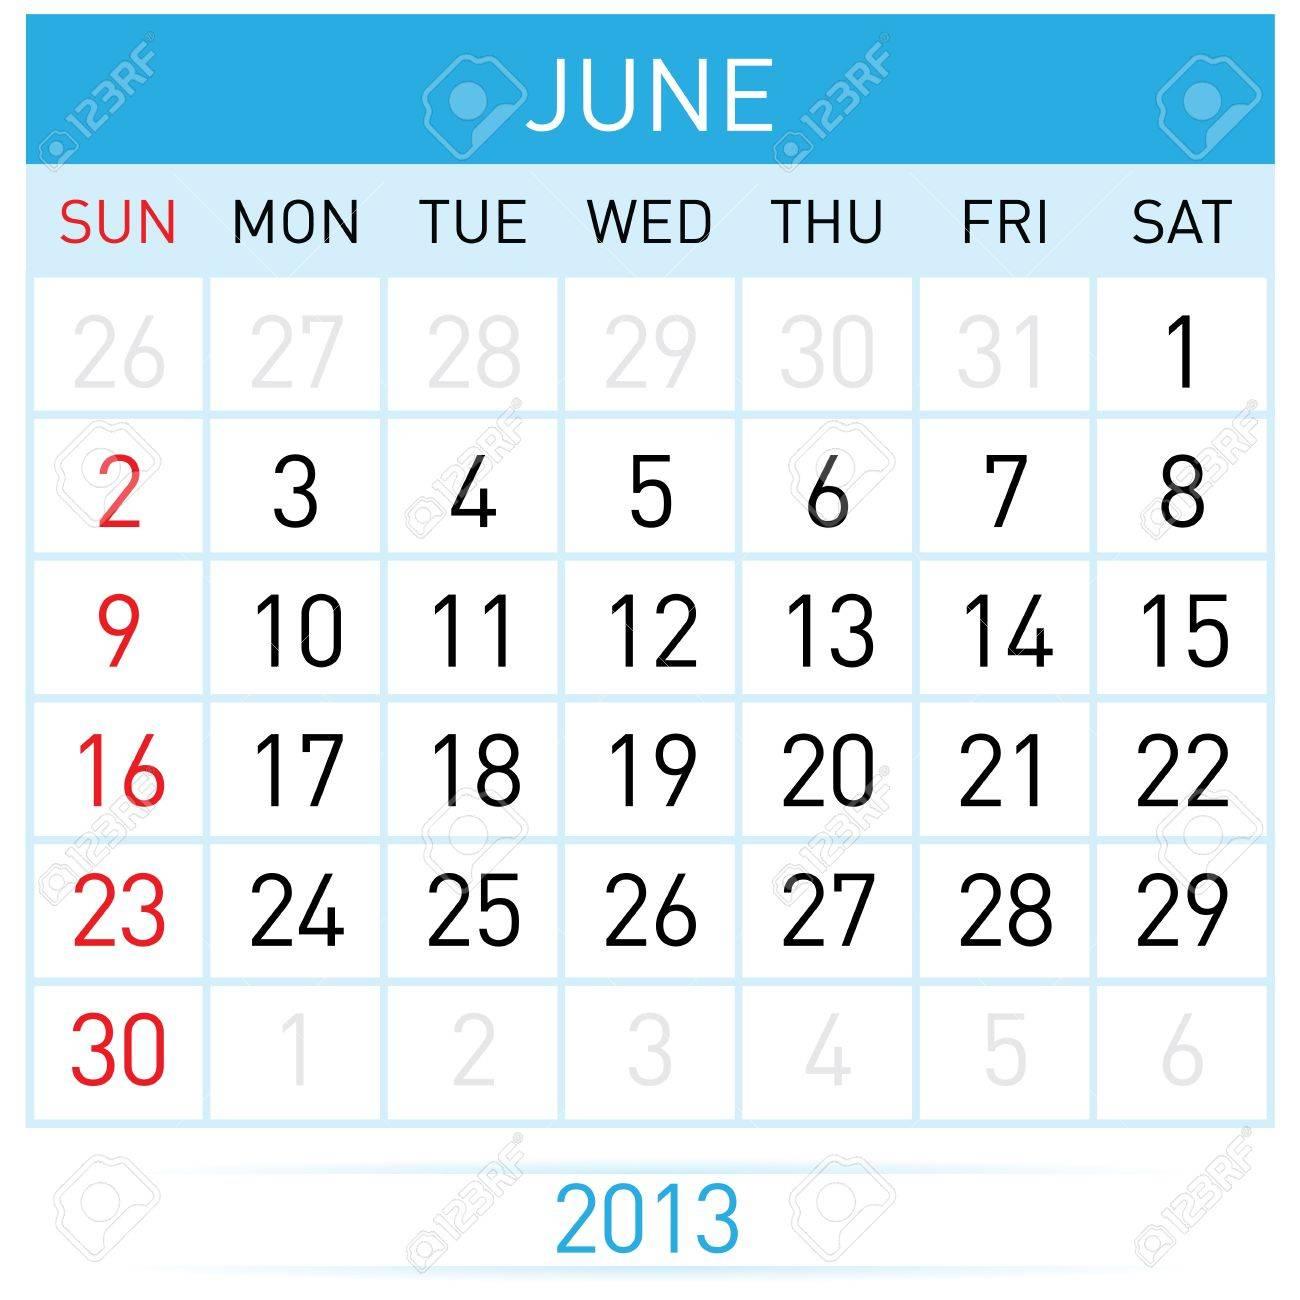 Calendario Mese Giugno.Giugno Twenty Tredici Anni Calendario Mese Illustrazione Su Sfondo Bianco